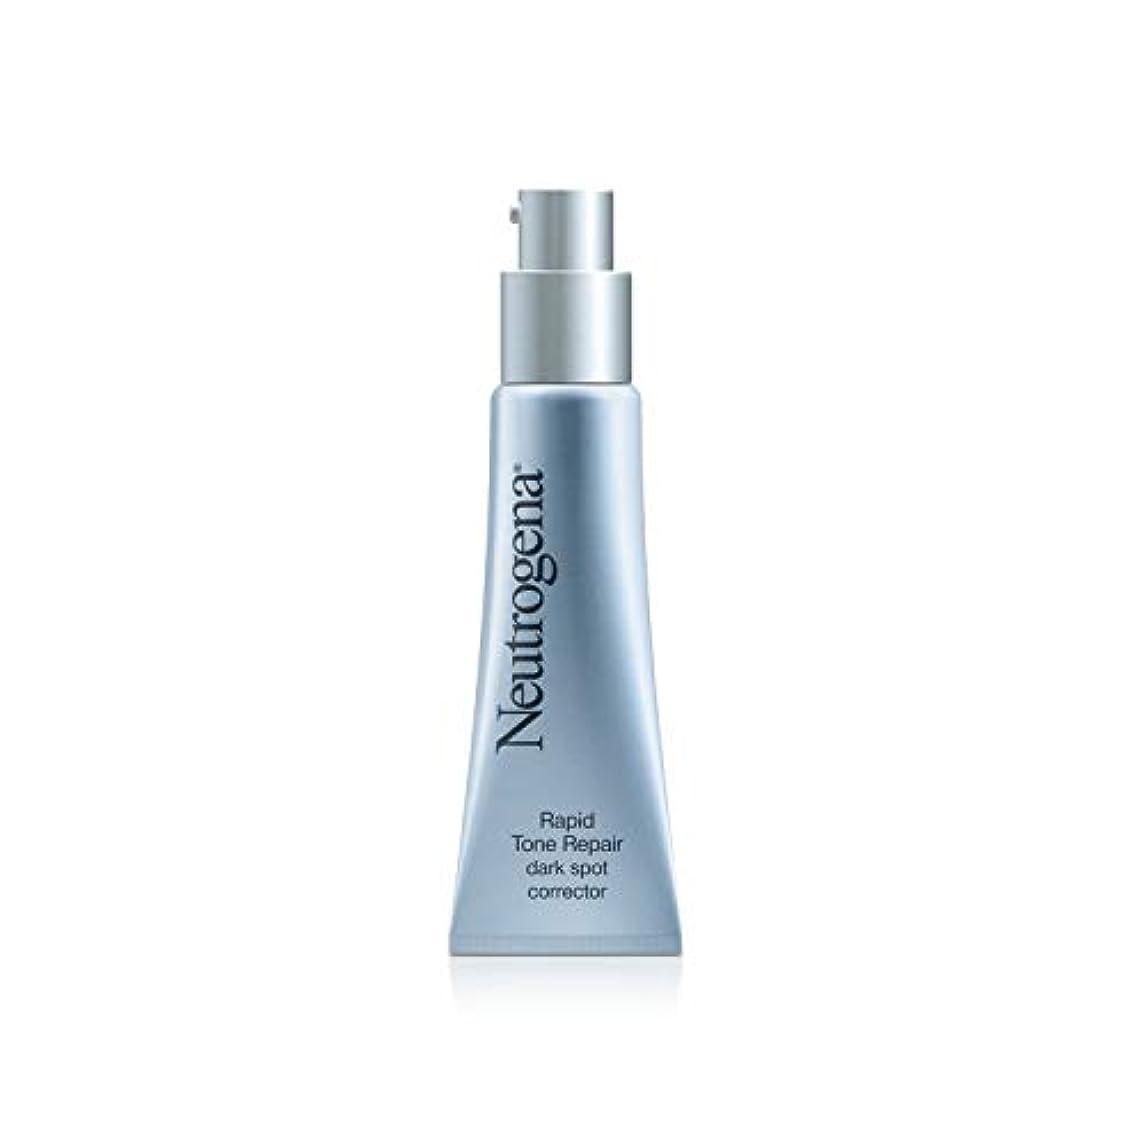 処理する幹大西洋Neutrogena 皮膚の変色やシミの外観を減少させることがレチノールサ、ビタミンC、ヒアルロン酸で迅速なトーン?修理ダークスポットコレクター、1オズ